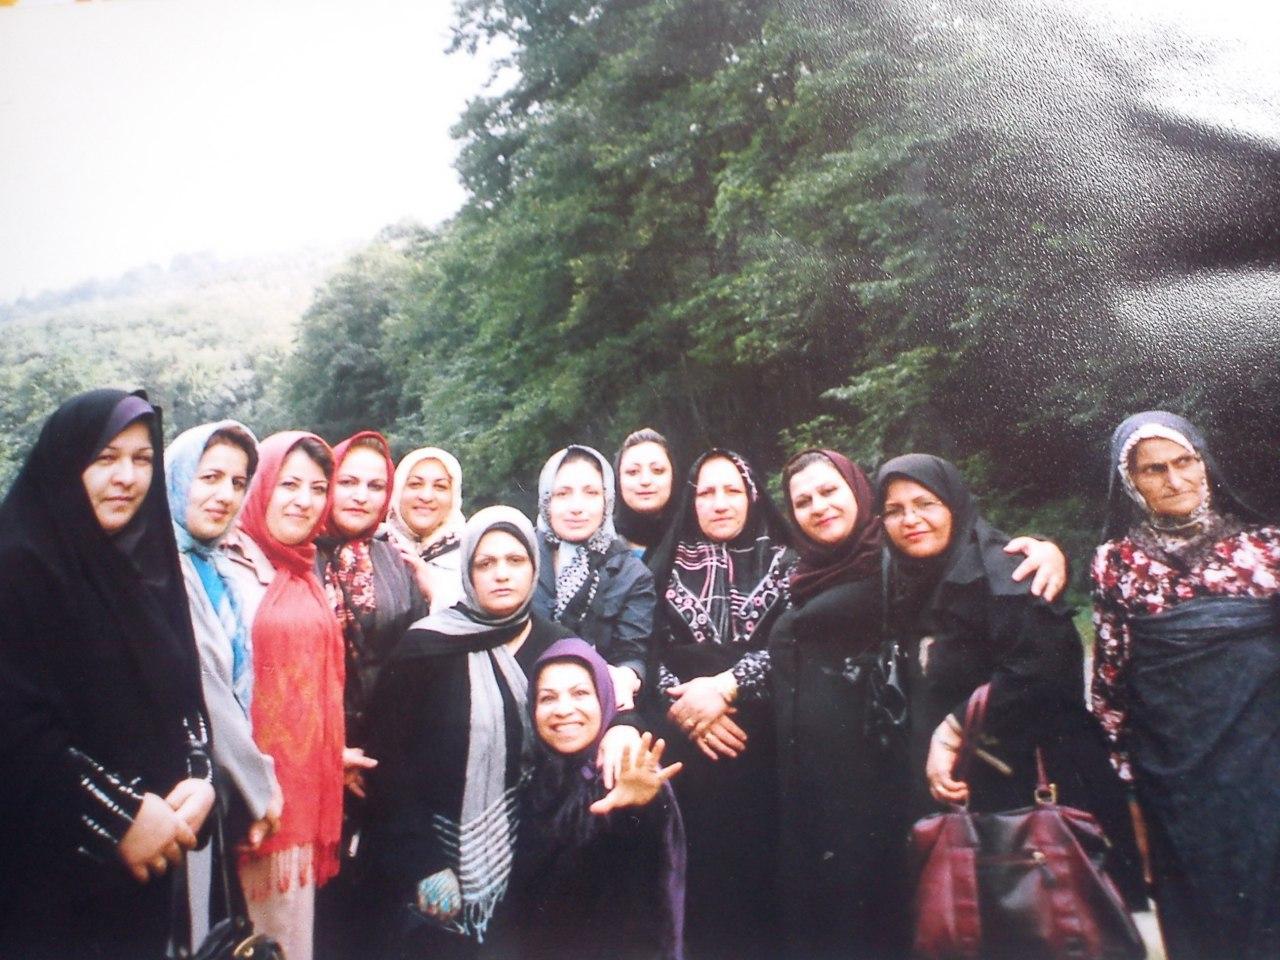 اردوی طبیعت درمانی در  منطقه جنگلی لفور